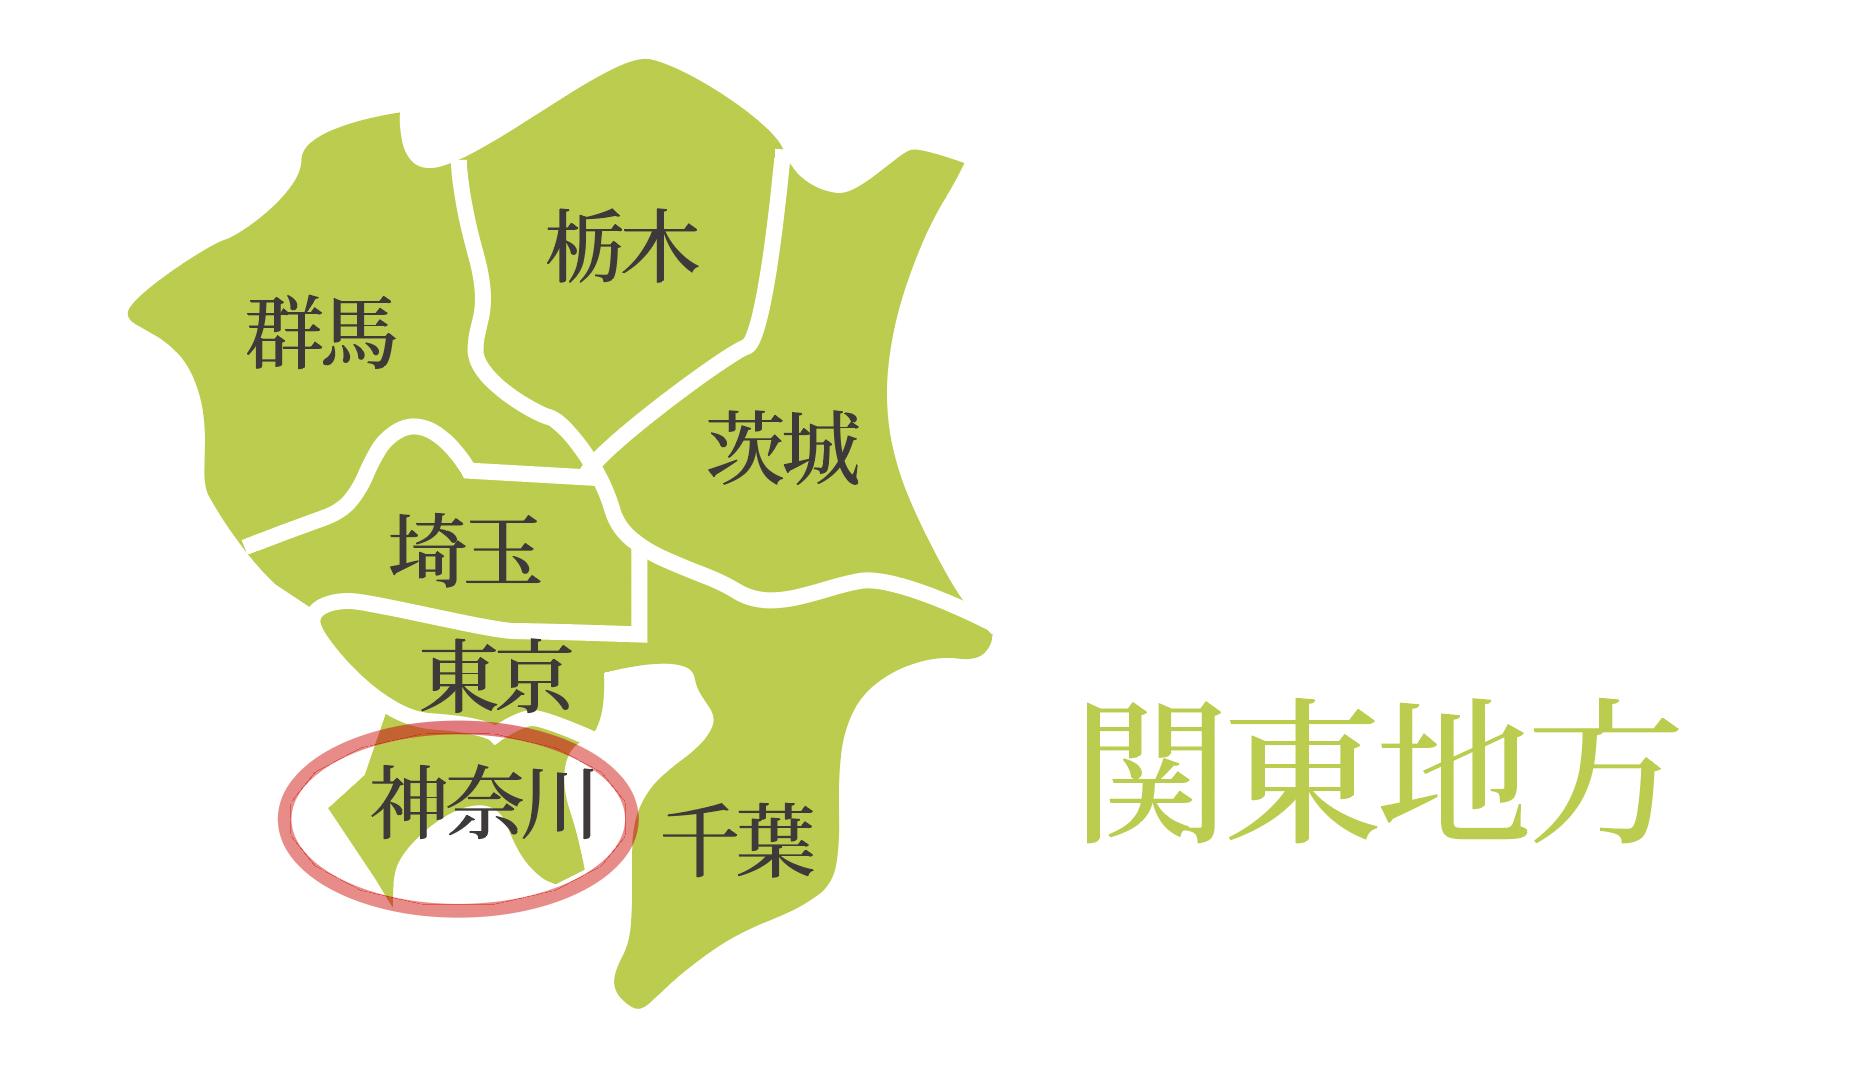 型枠解体工事を神奈川にも拡大